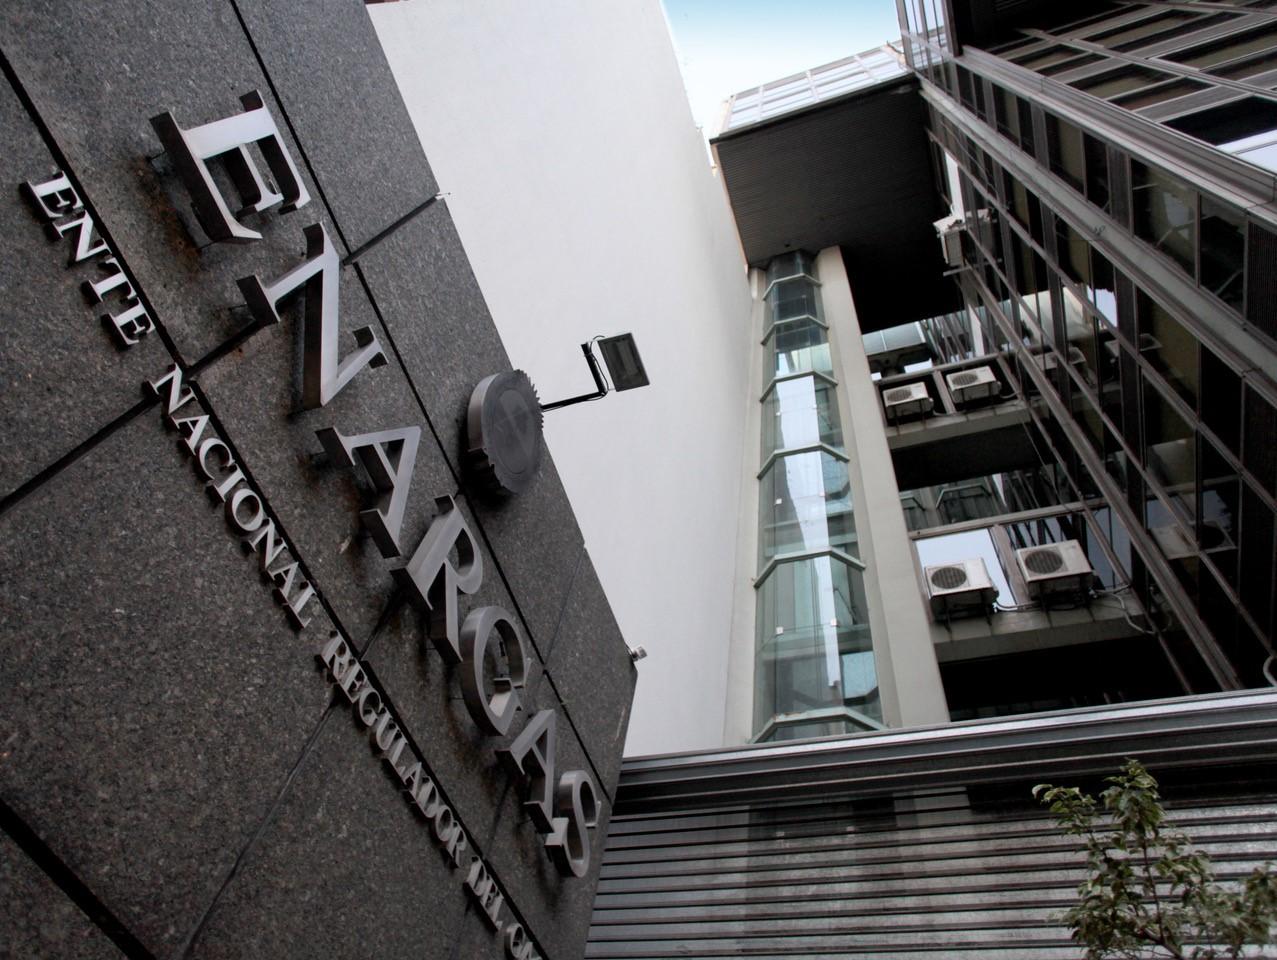 ENARGAS informó a sus Comisiones de usuarios y a la sociedad en general la denuncia penal formulada contra Aranguren.  Implicancias y perjuicios